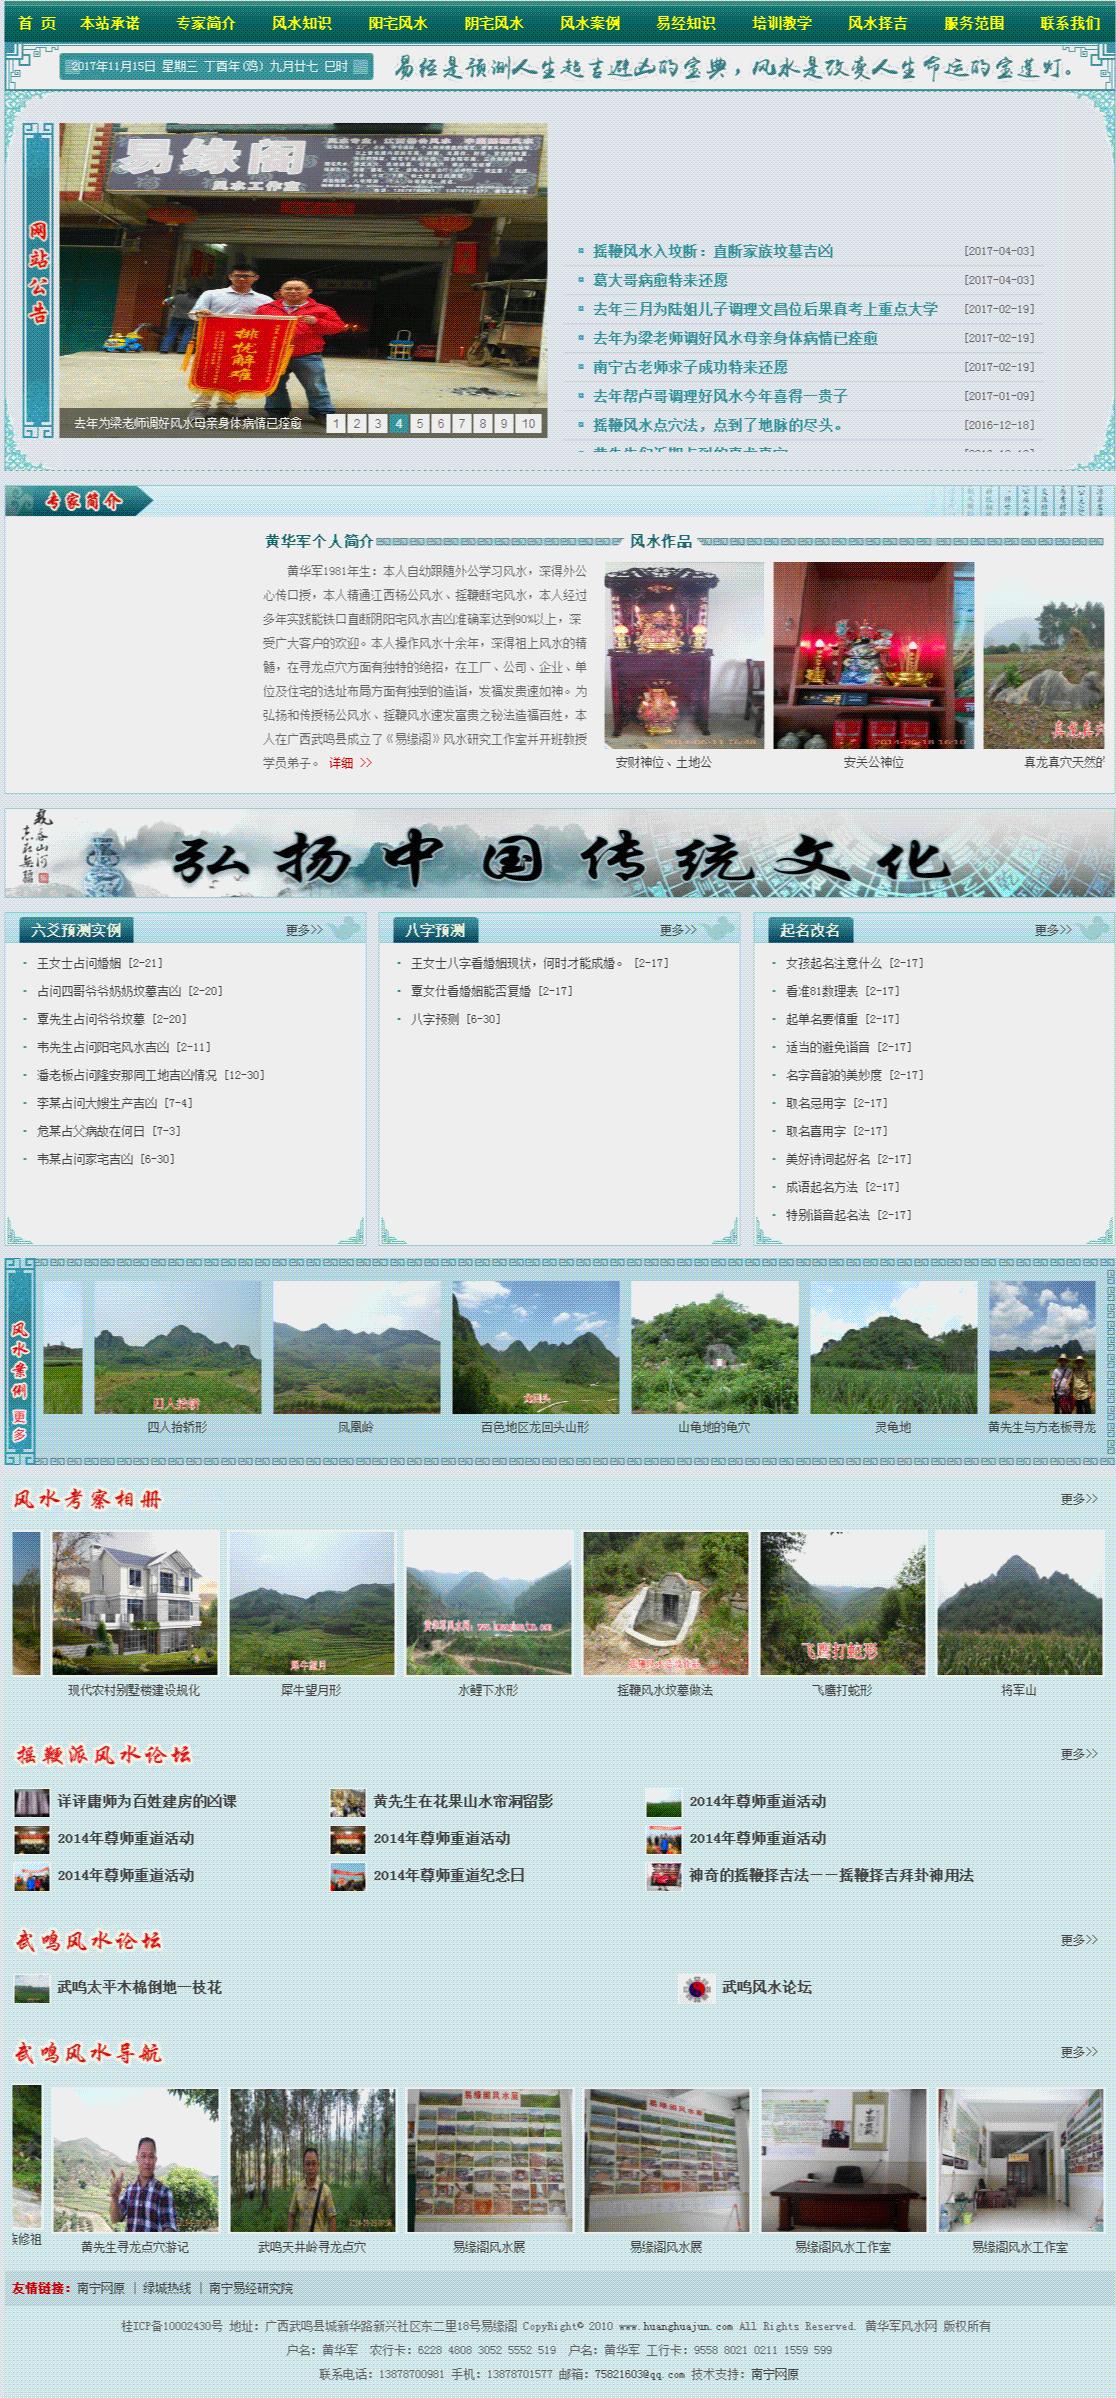 黄华军风水网 - 本网站主要弘扬祖国的传统文化,发扬摇鞭派风水文化,以造福人类、造福社会为宗旨。.png